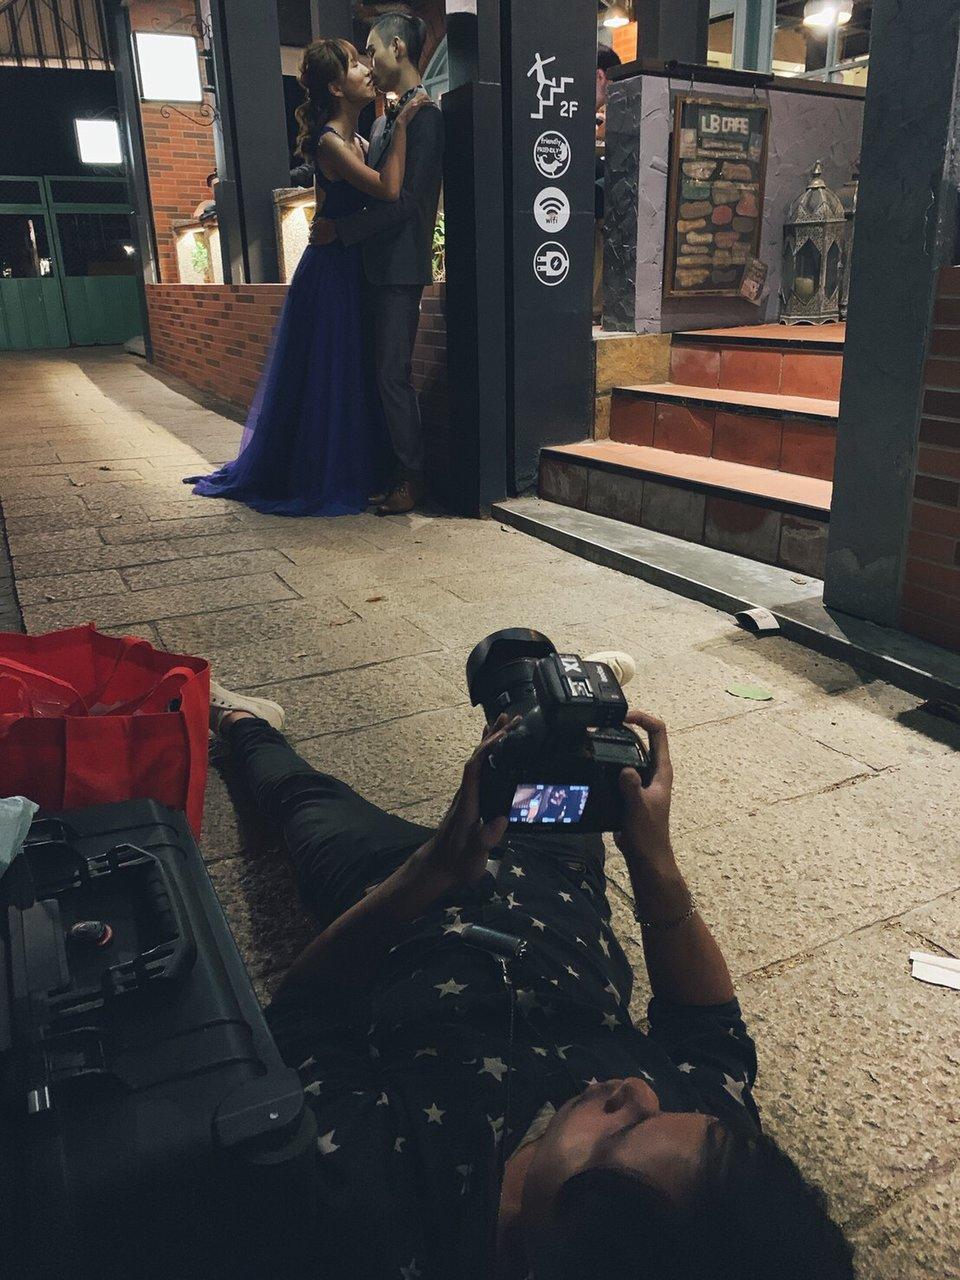 Elisa艾莉莎婚紗攝影工作室-桃園中壢,Elisa艾莉莎的無敵攝影團隊